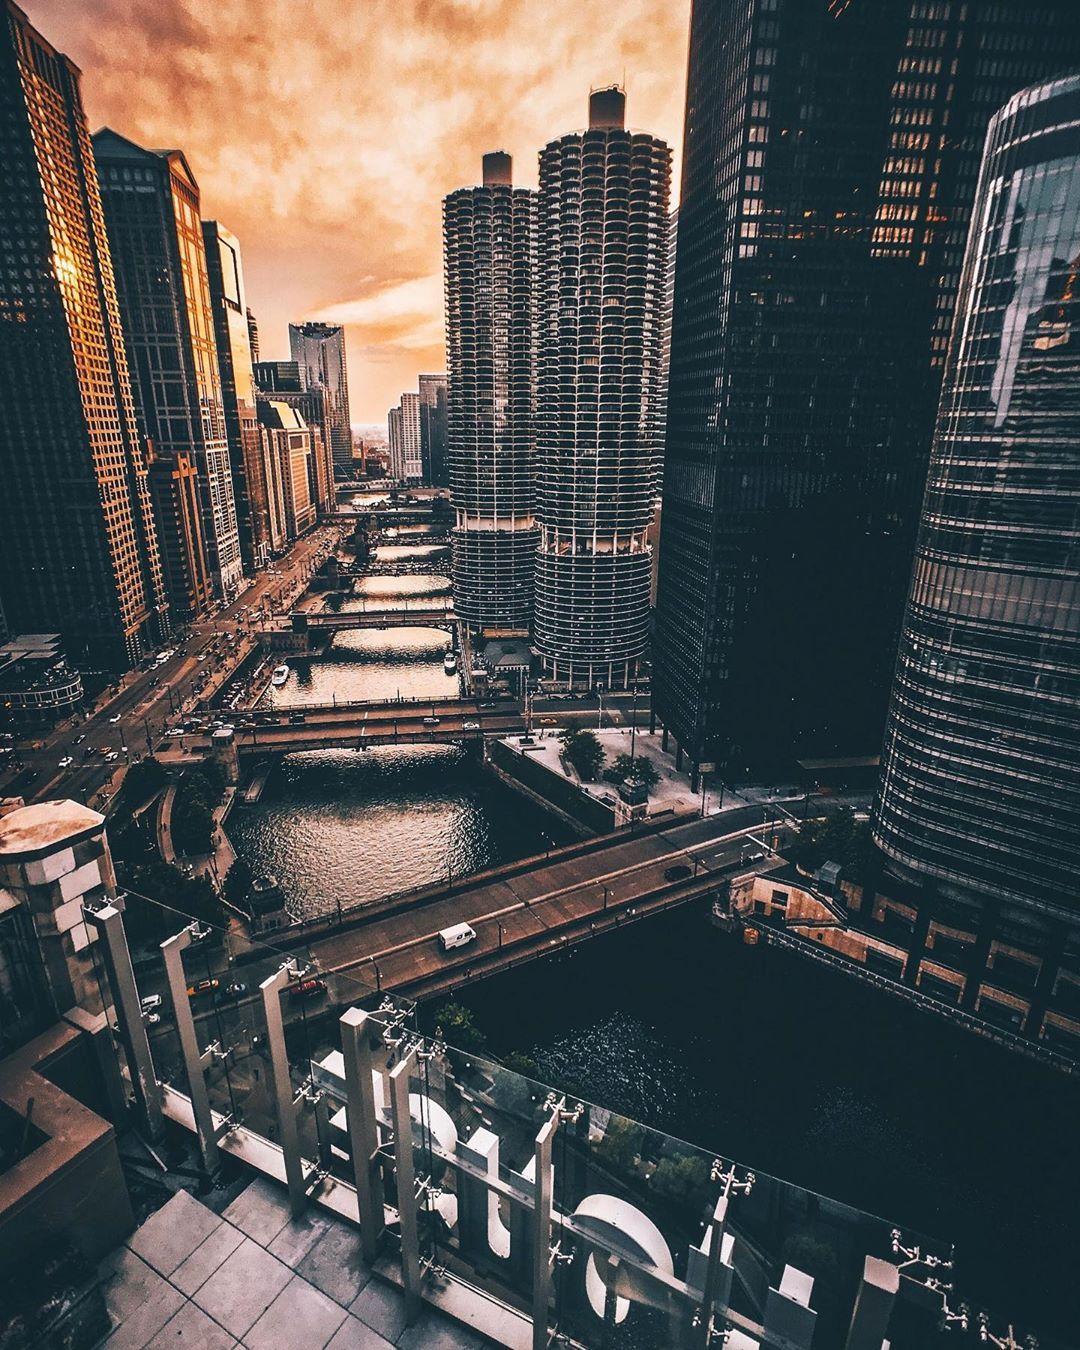 Chicago River, Dream City, Chicago